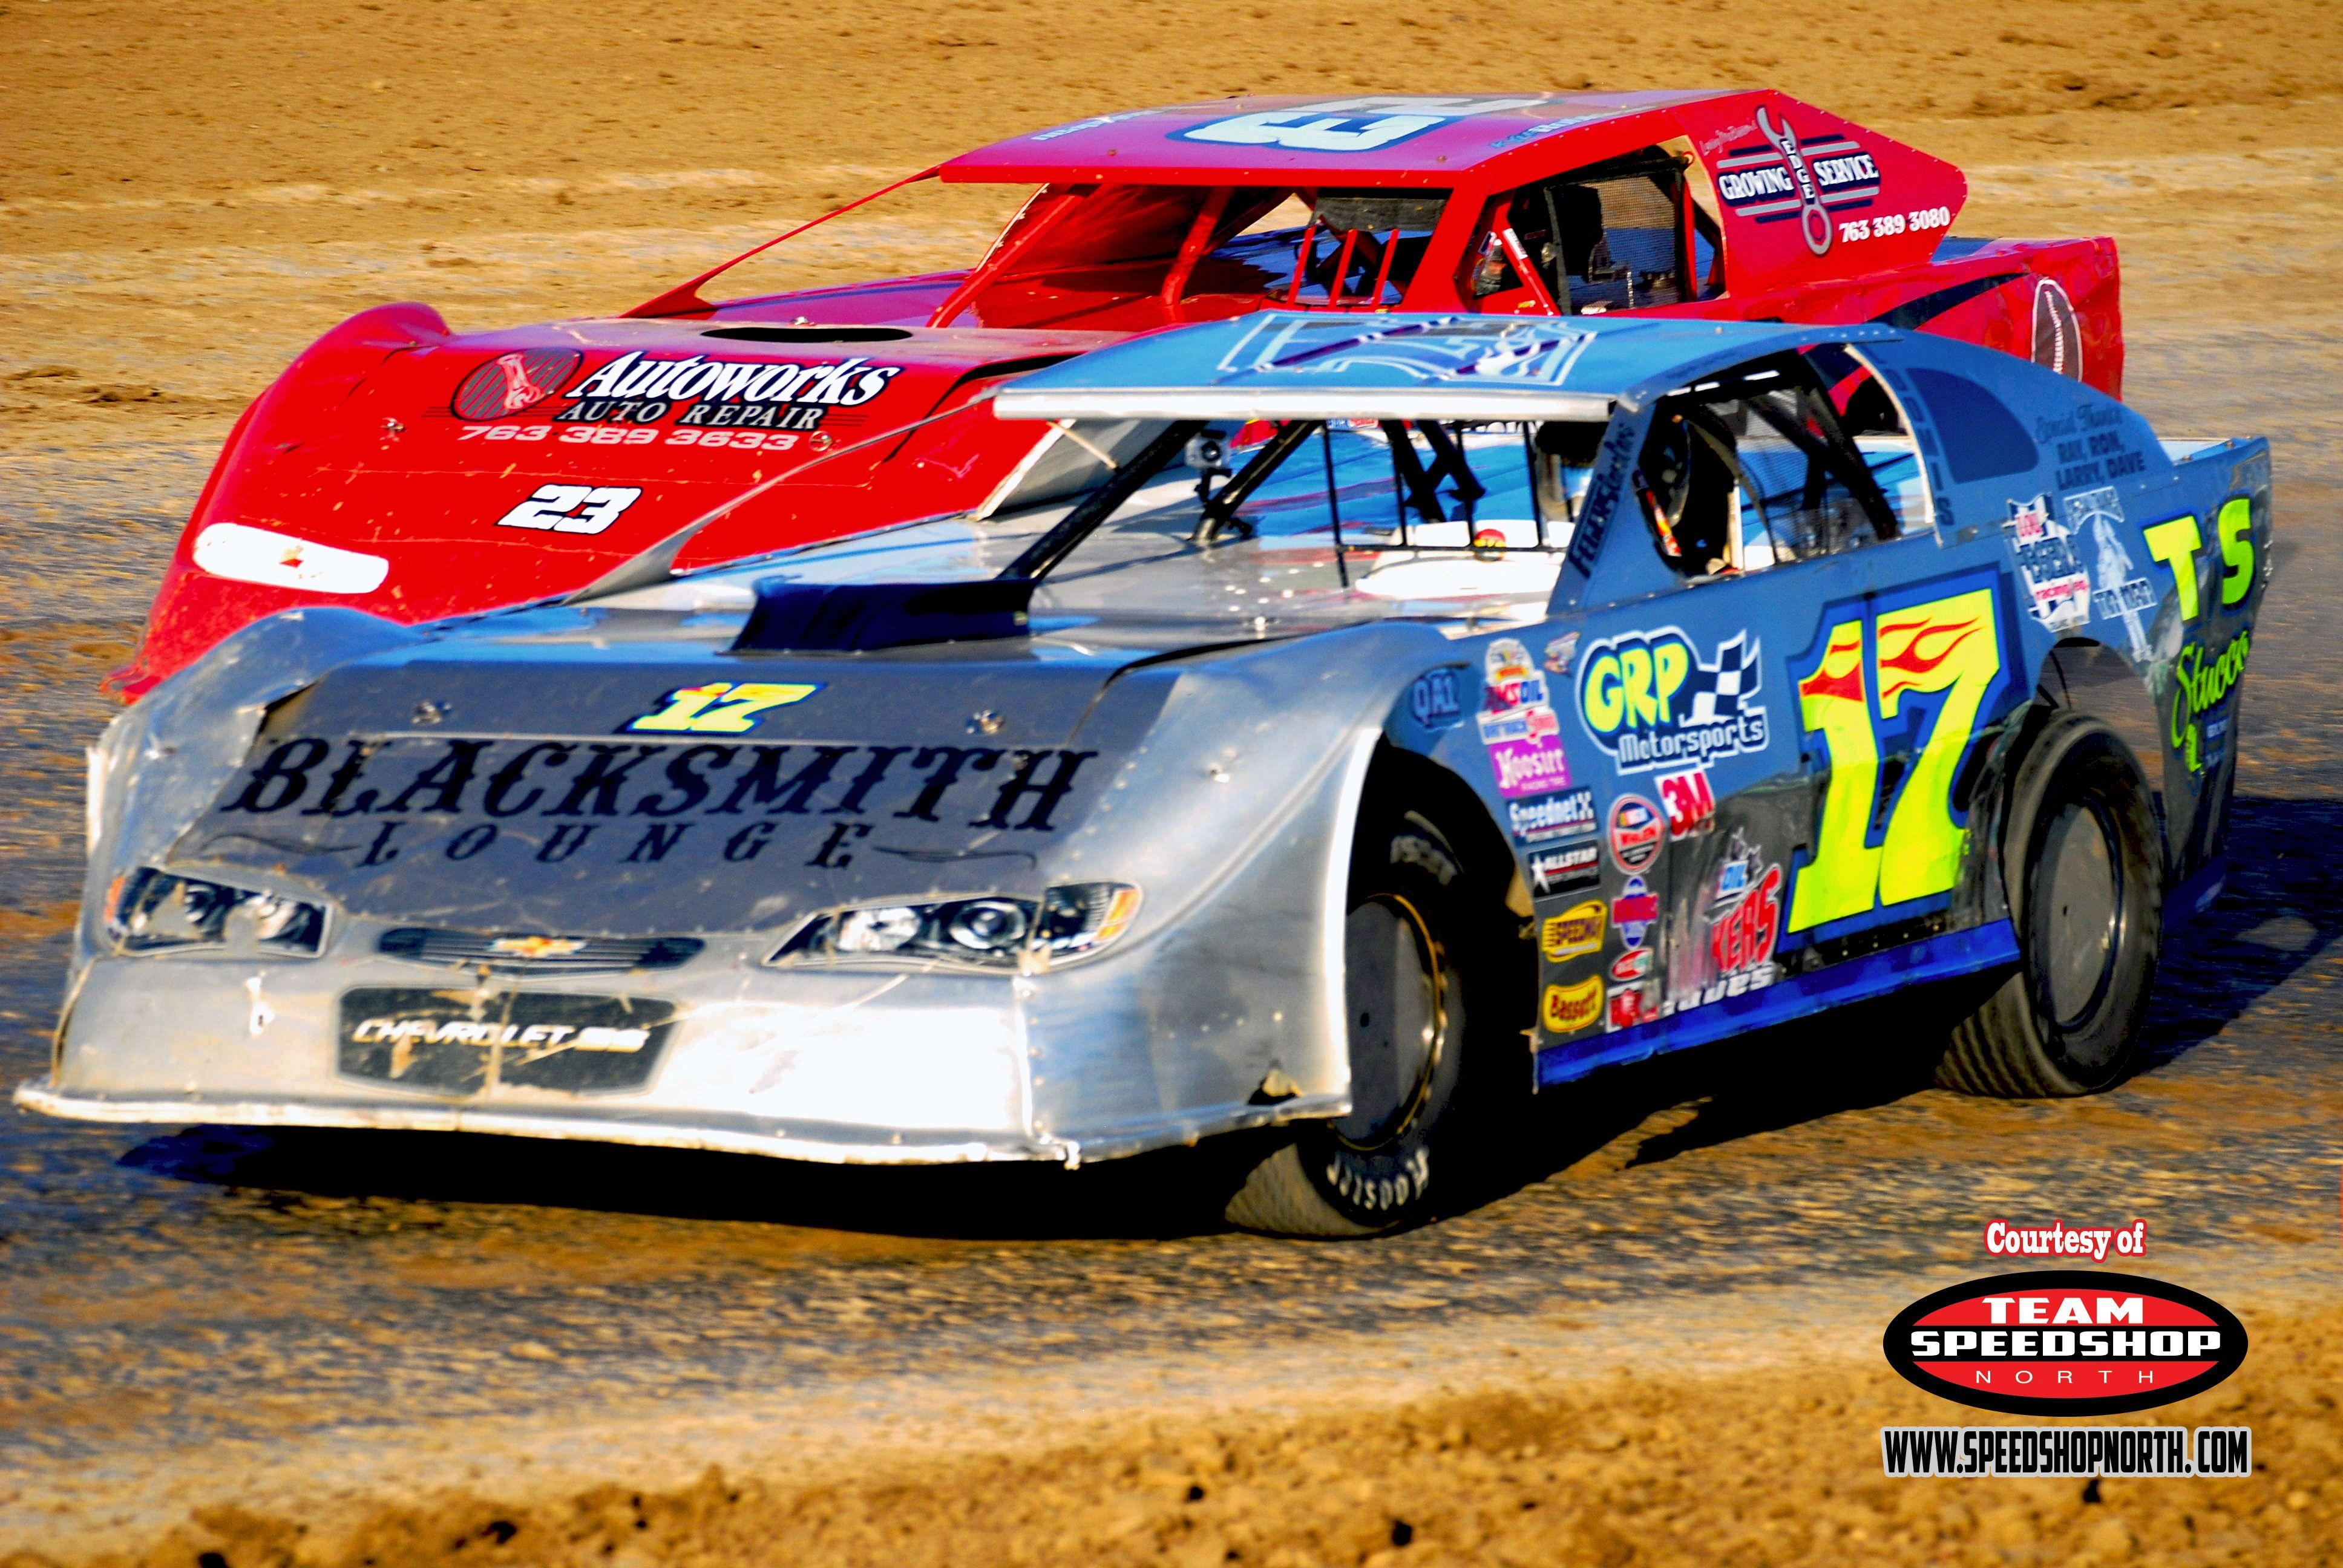 17m Mike Loomis Wissota Super Stock Car Dirt Track Cars Dirt Track Racing Dirt Racing